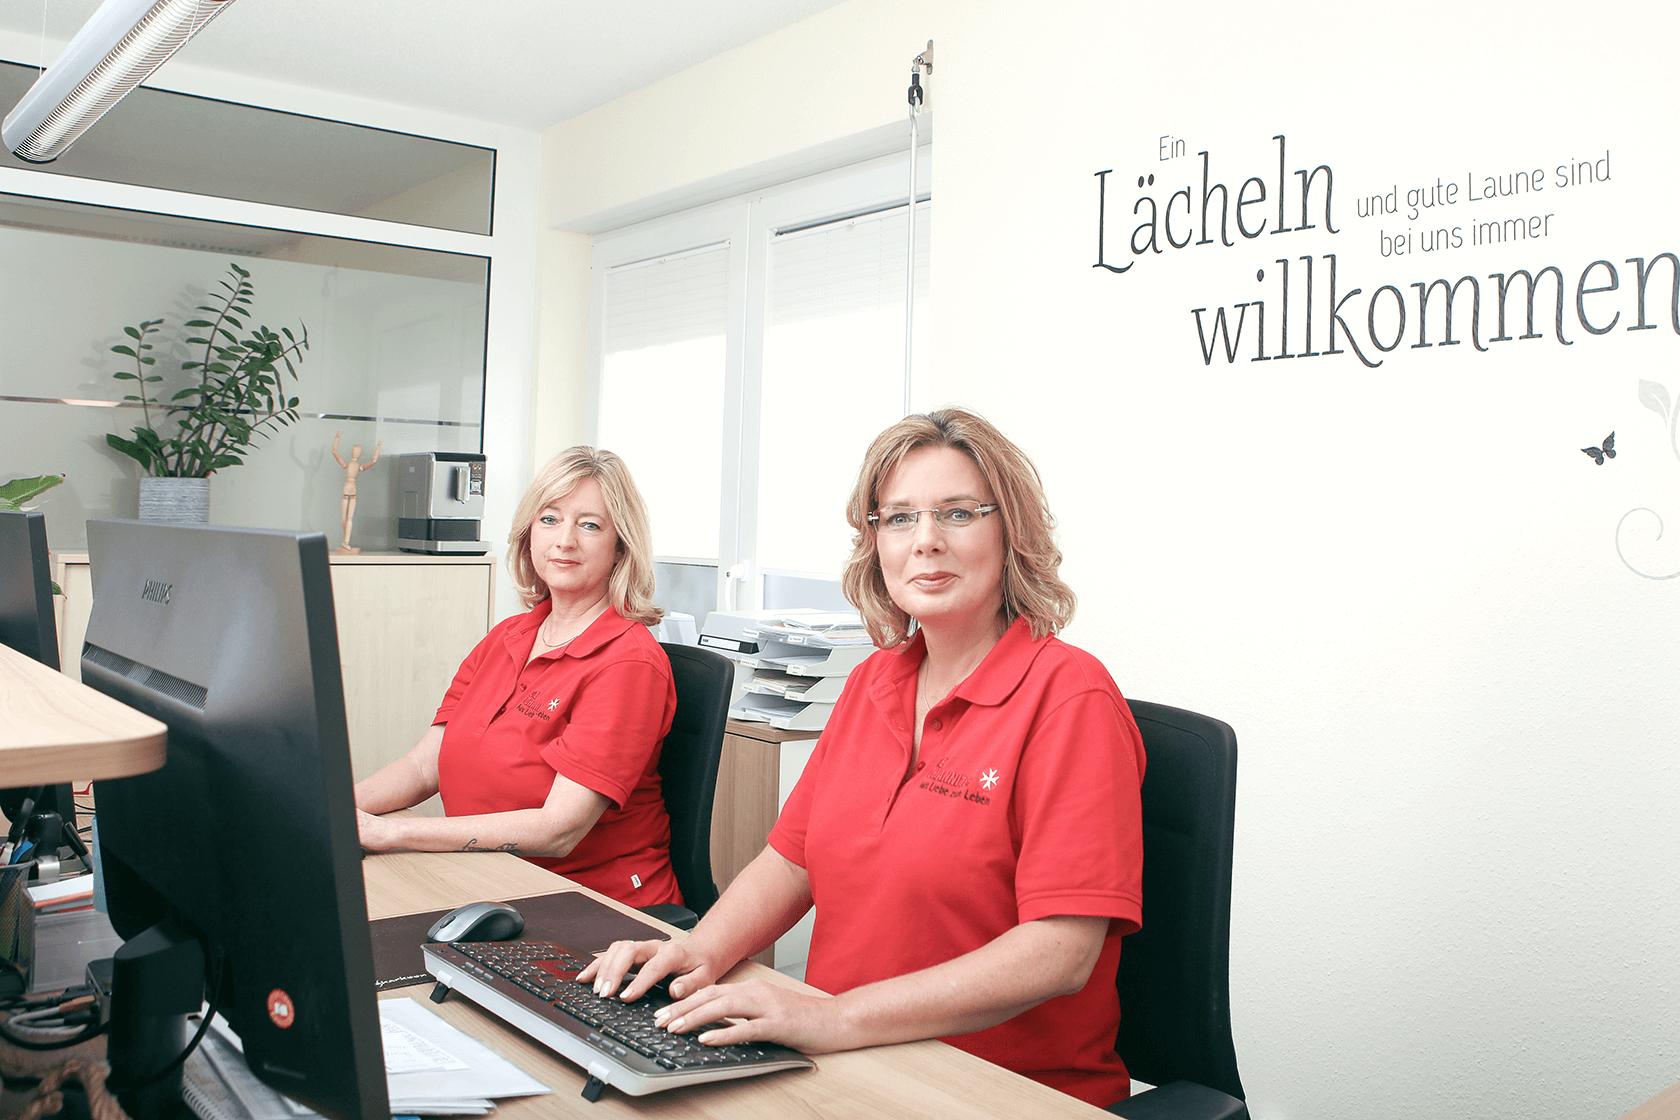 zwei Frauen in roten Poloshirts hinter einer Empfangstheke